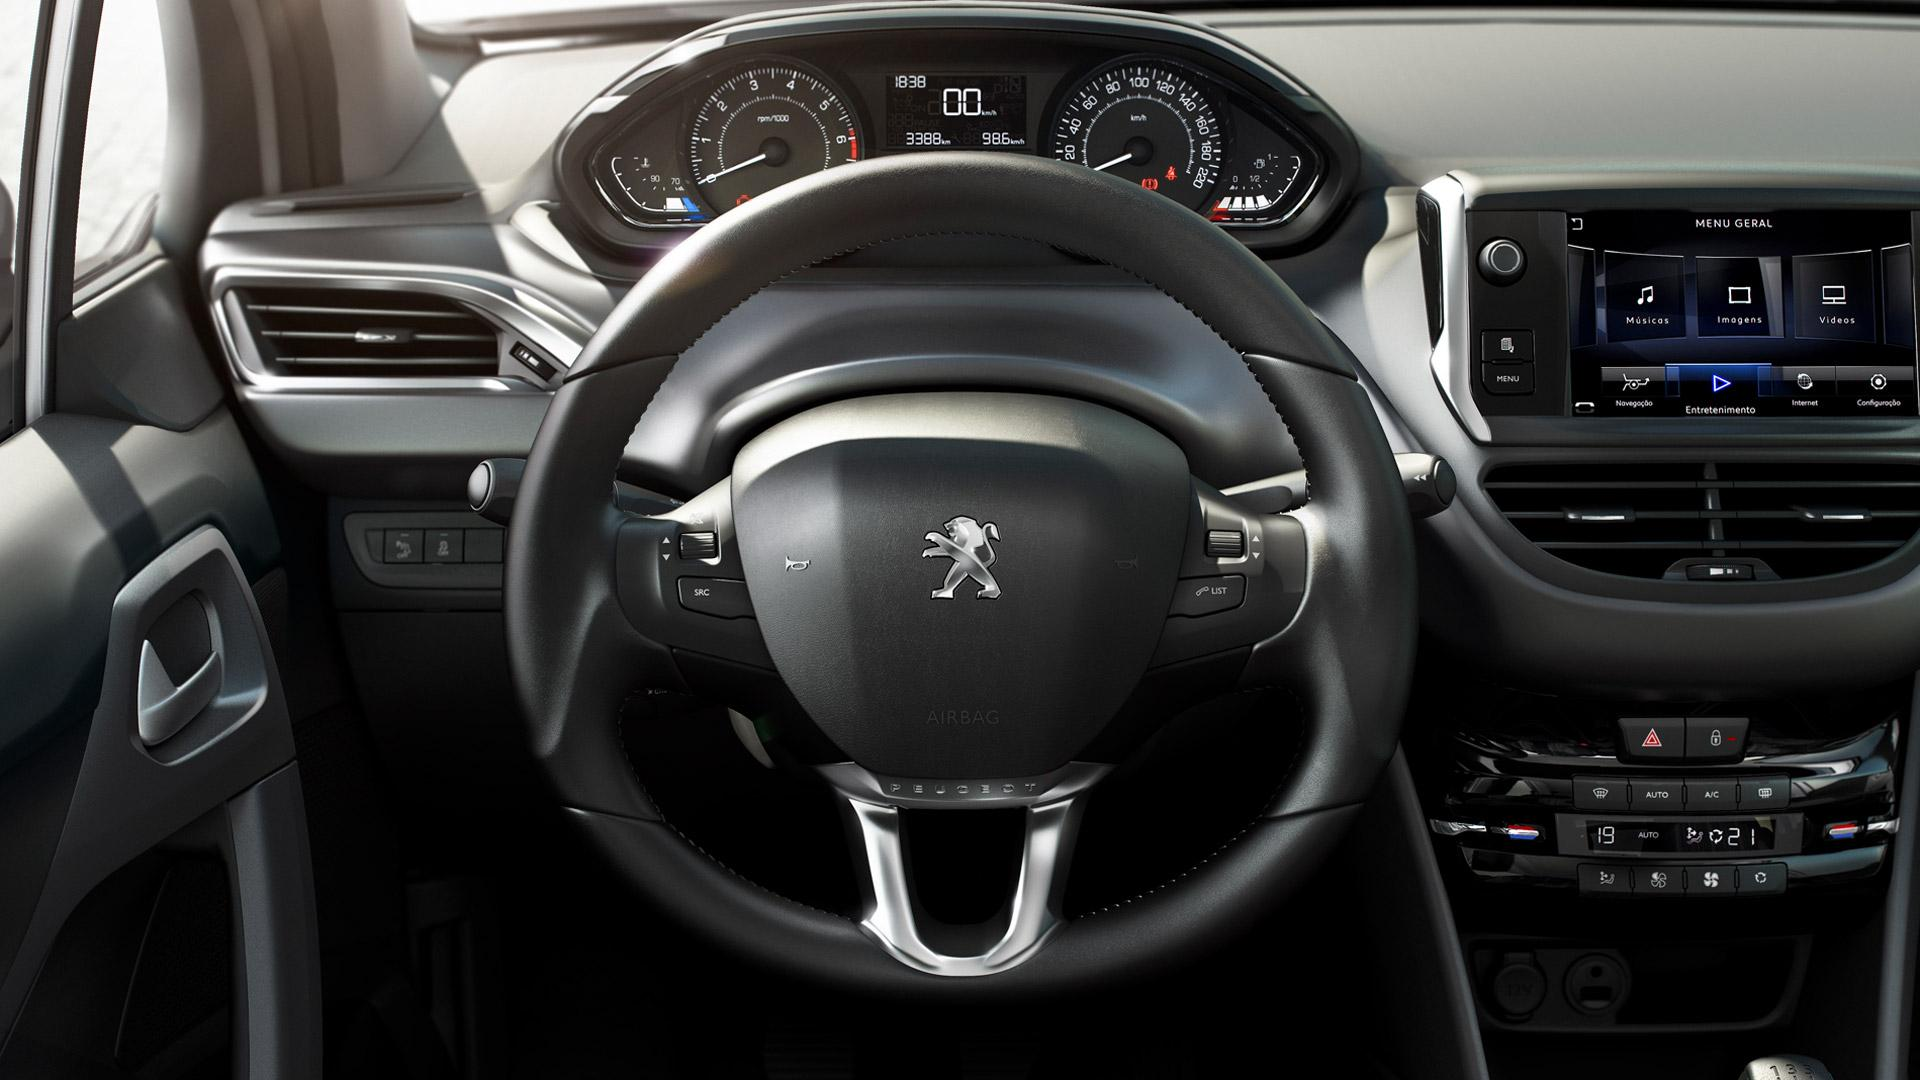 Novo peugeot 208 2015 pre o consumo ficha t cnica for Peugeot 208 interior 2017